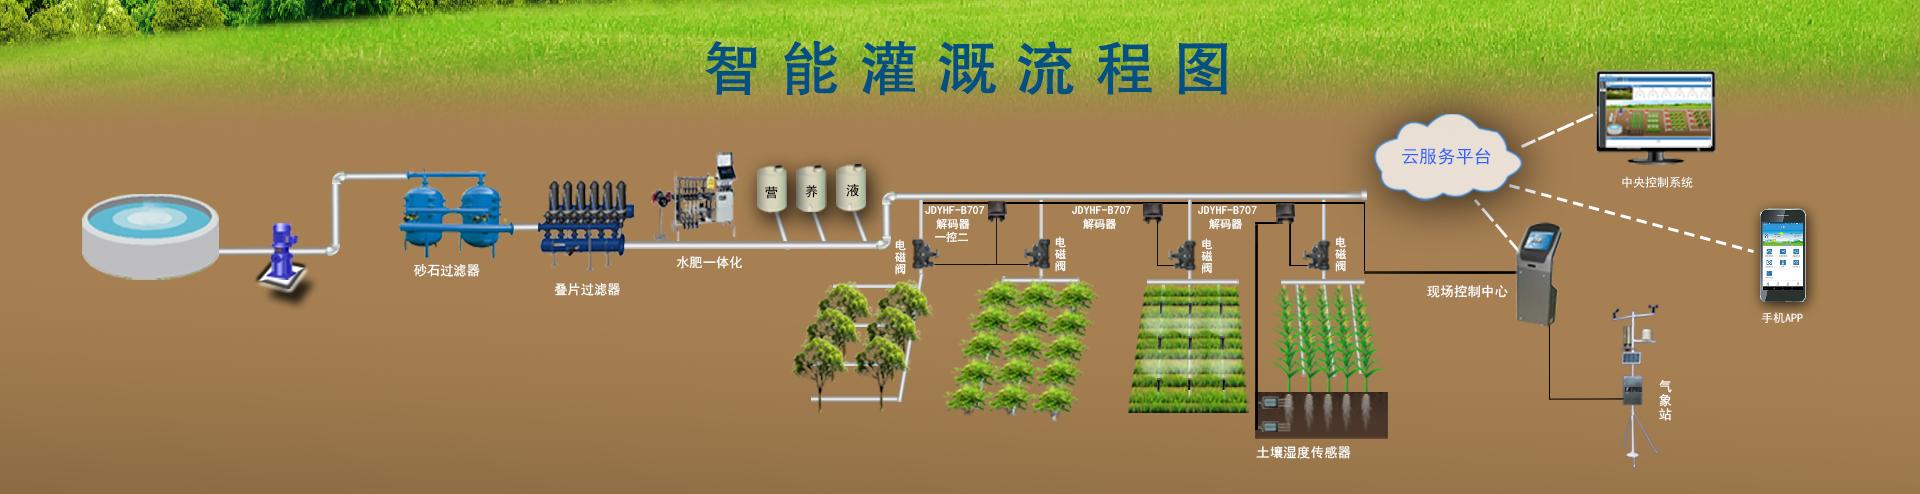 节水智能灌溉